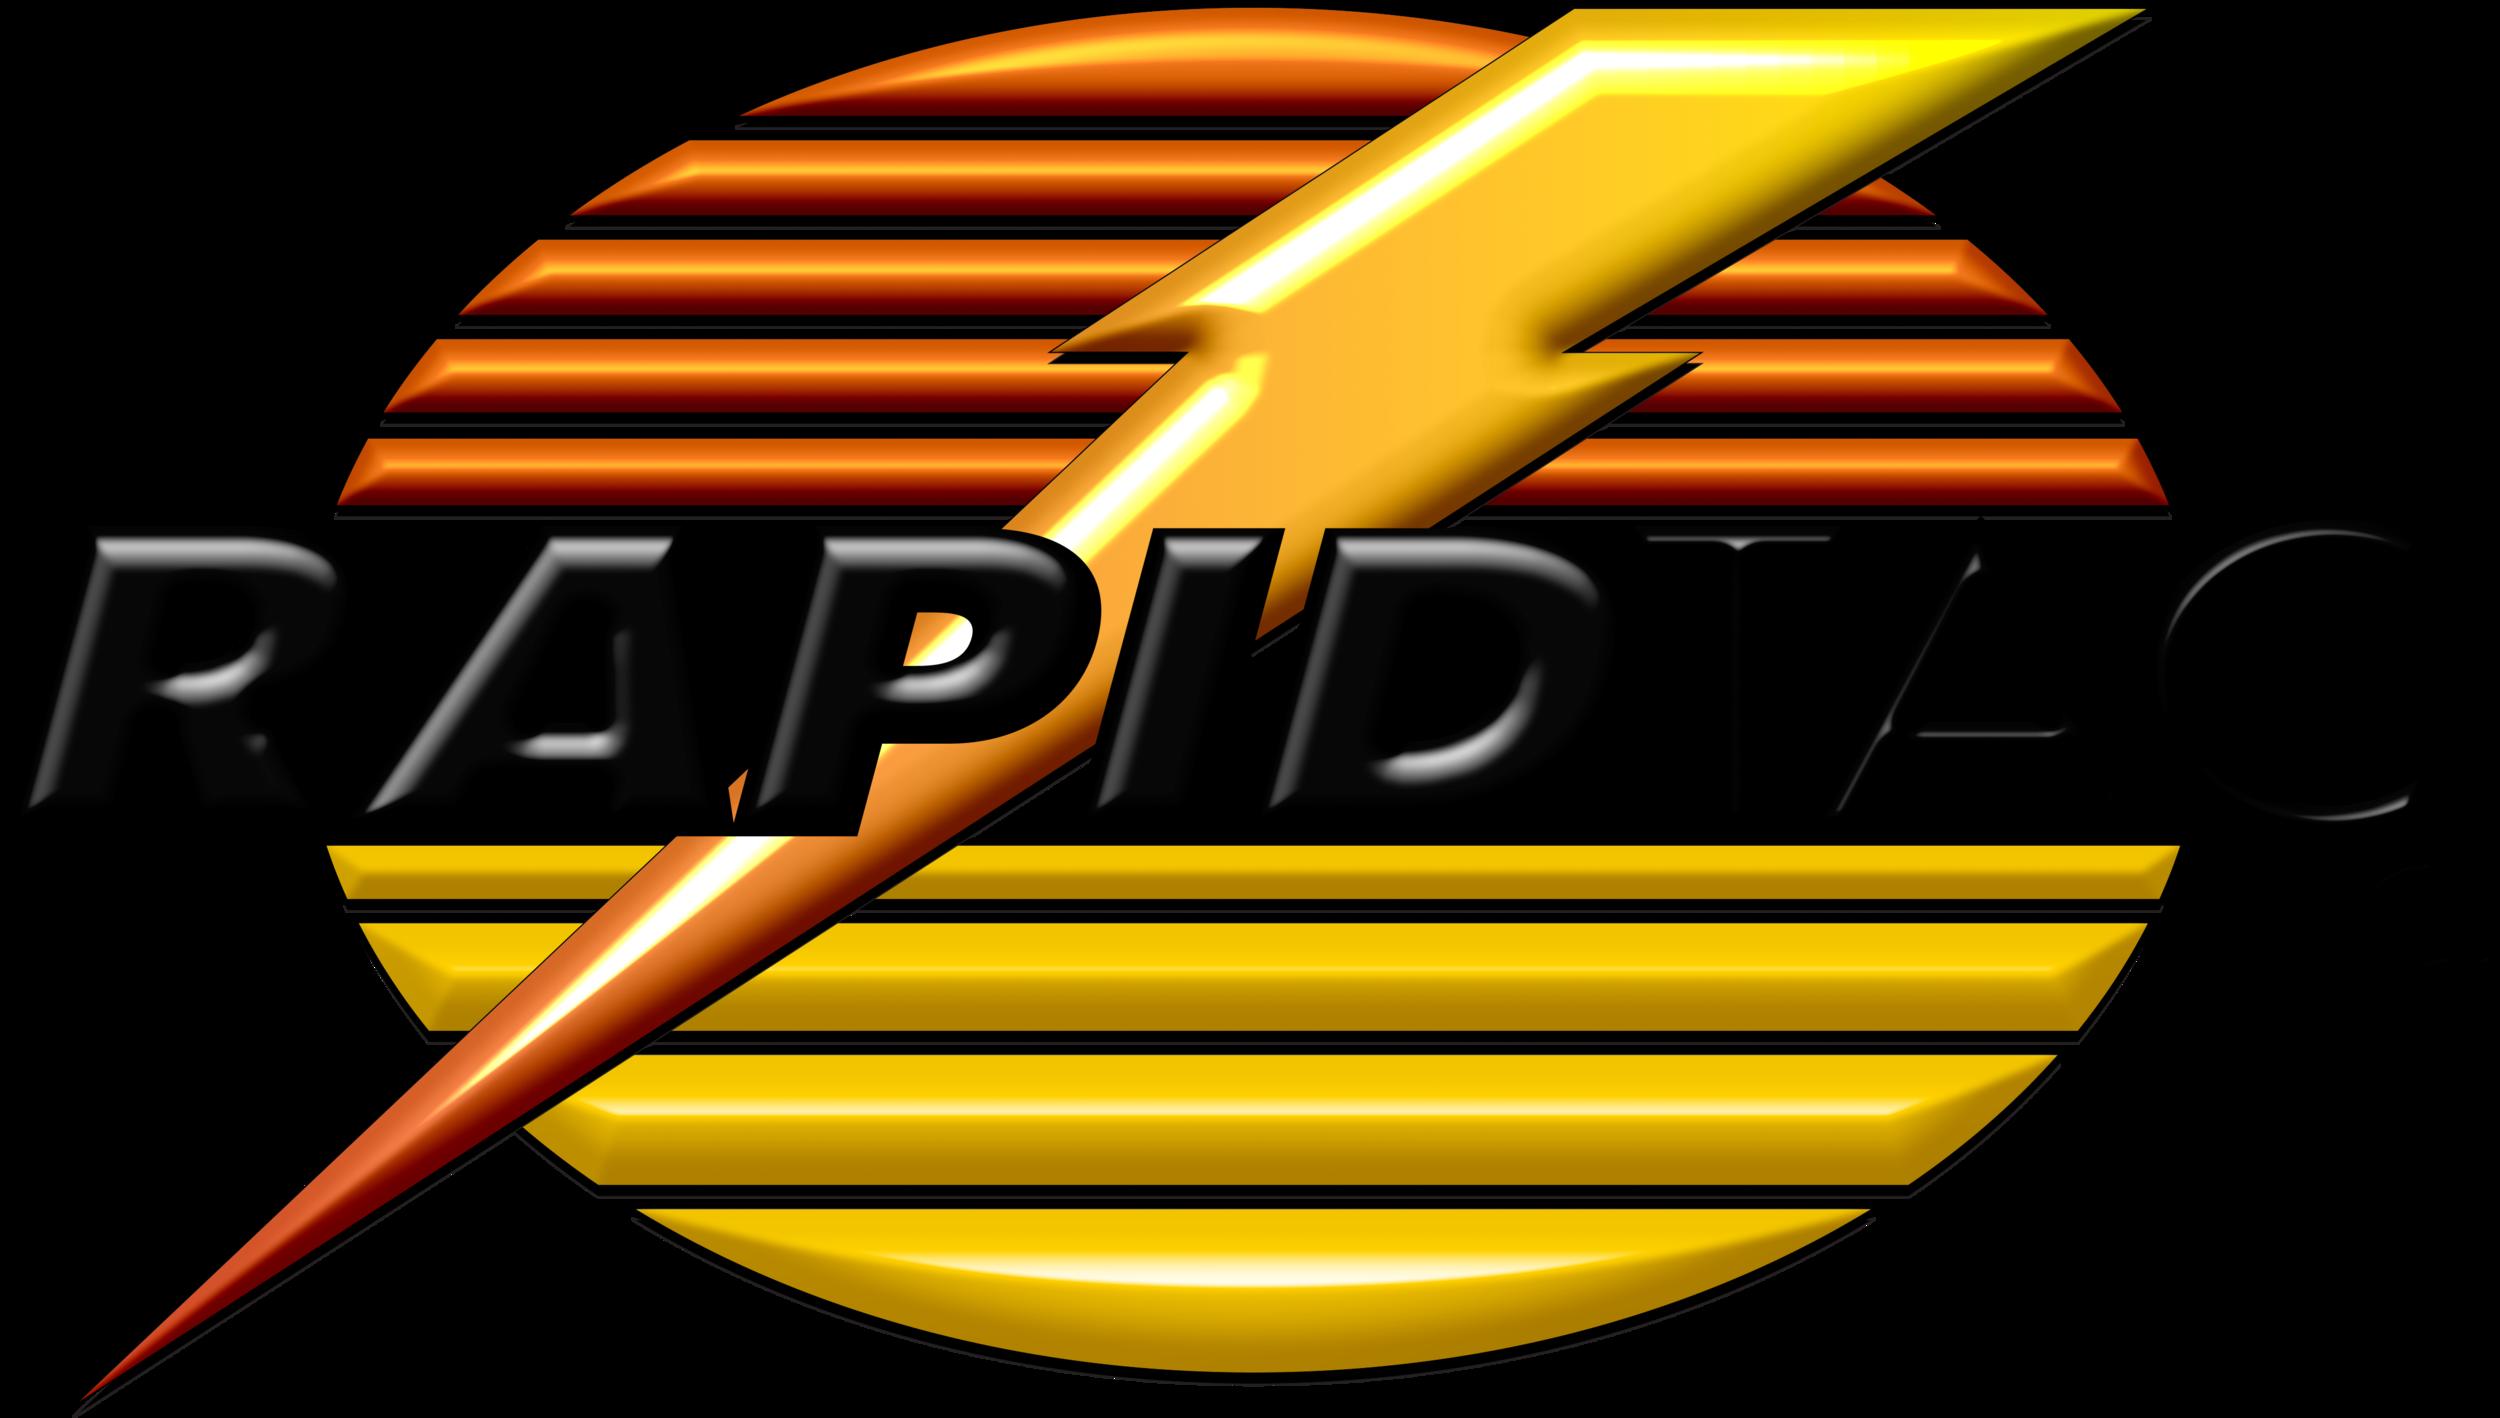 rapidtac_logo_black_03022017.png